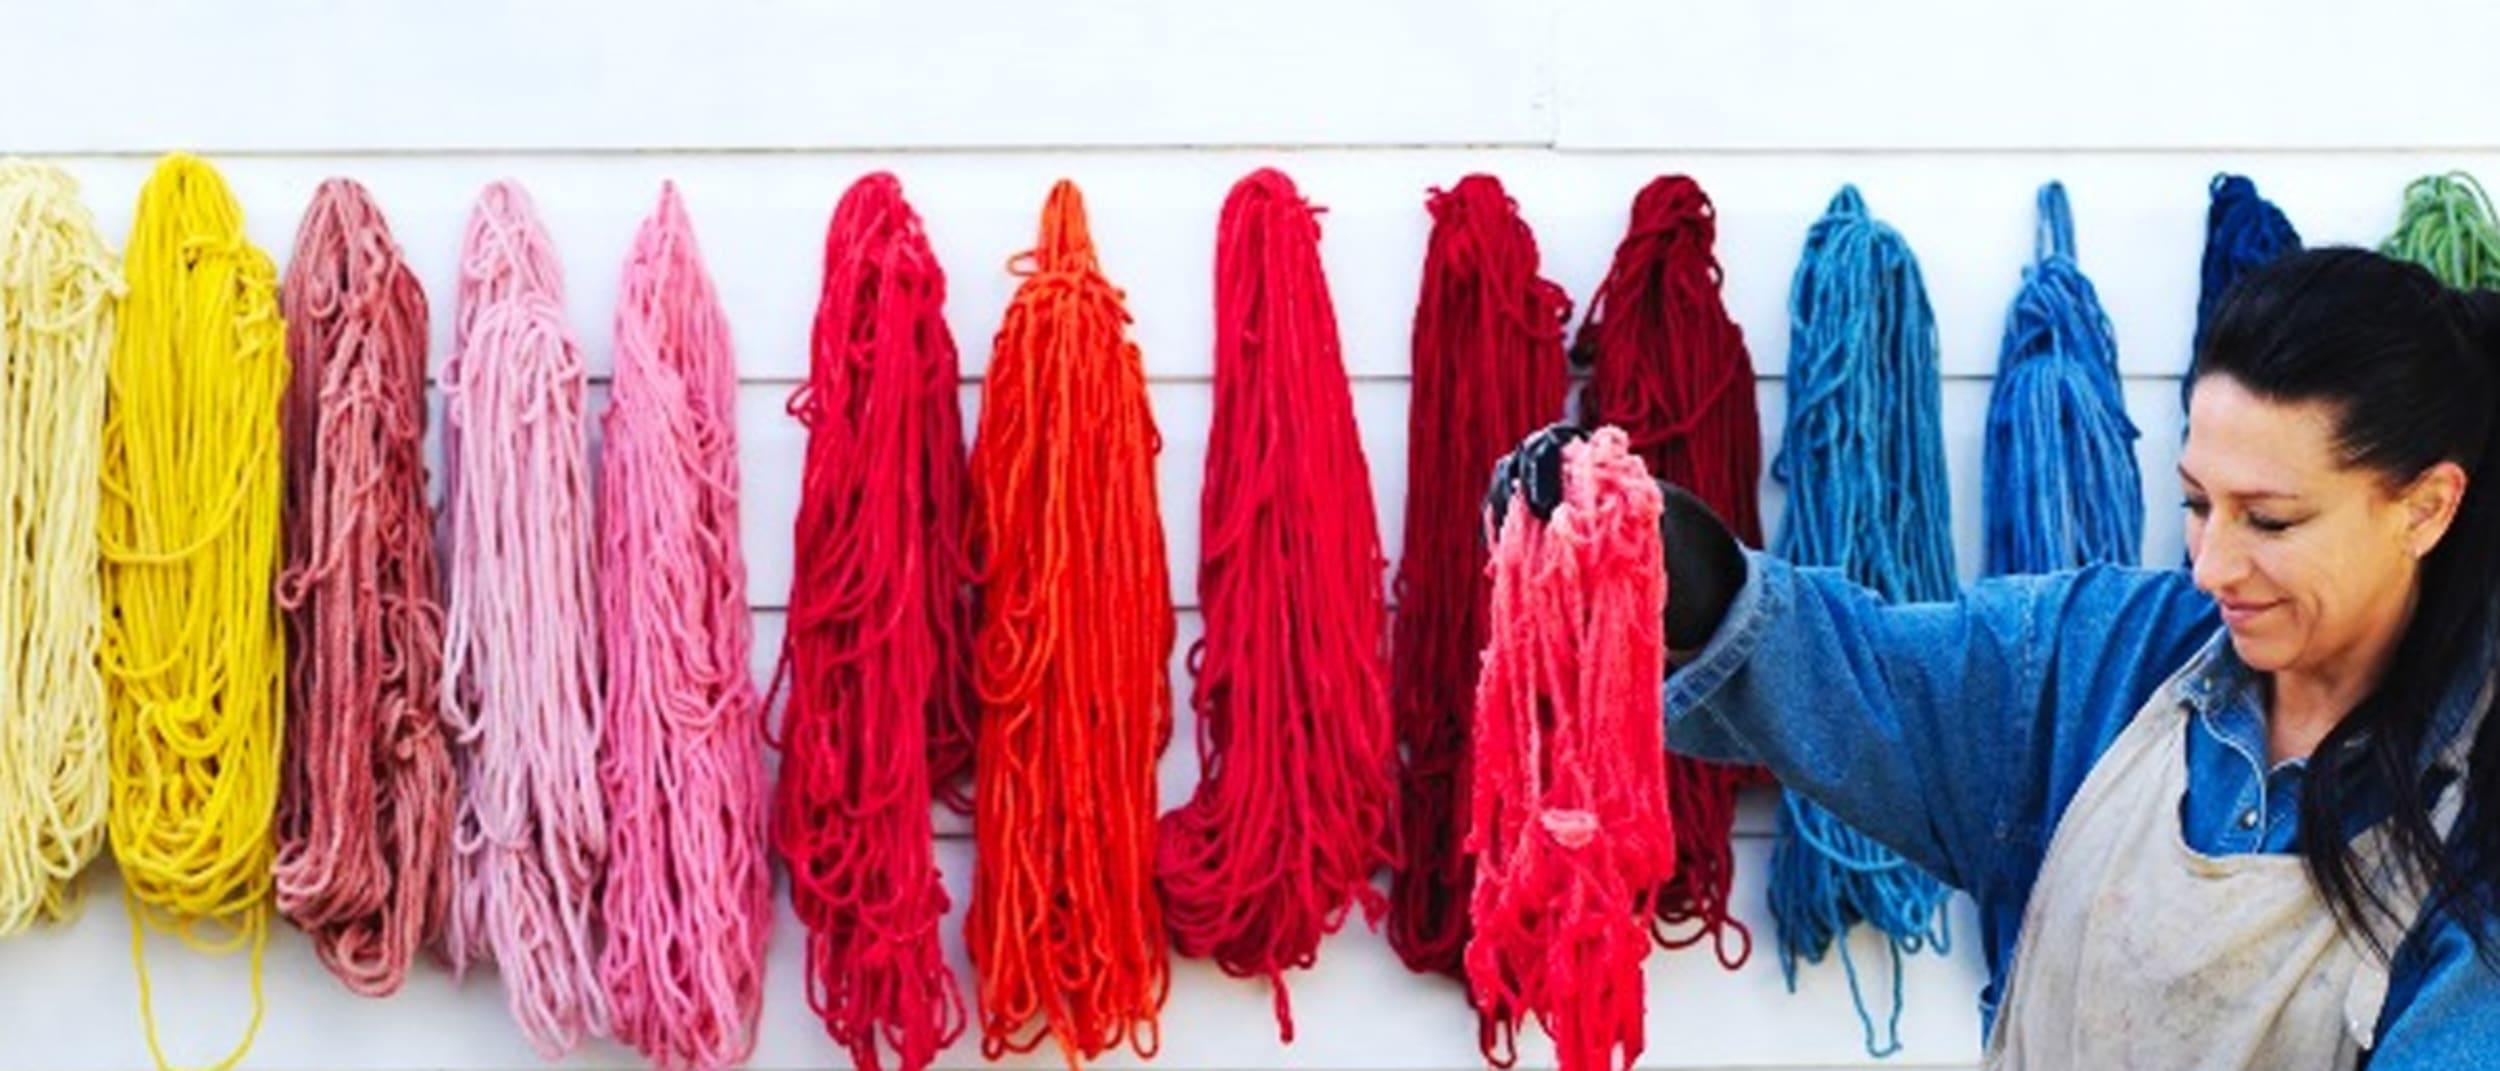 Wool Week: Extreme weaving by Natalie Miller